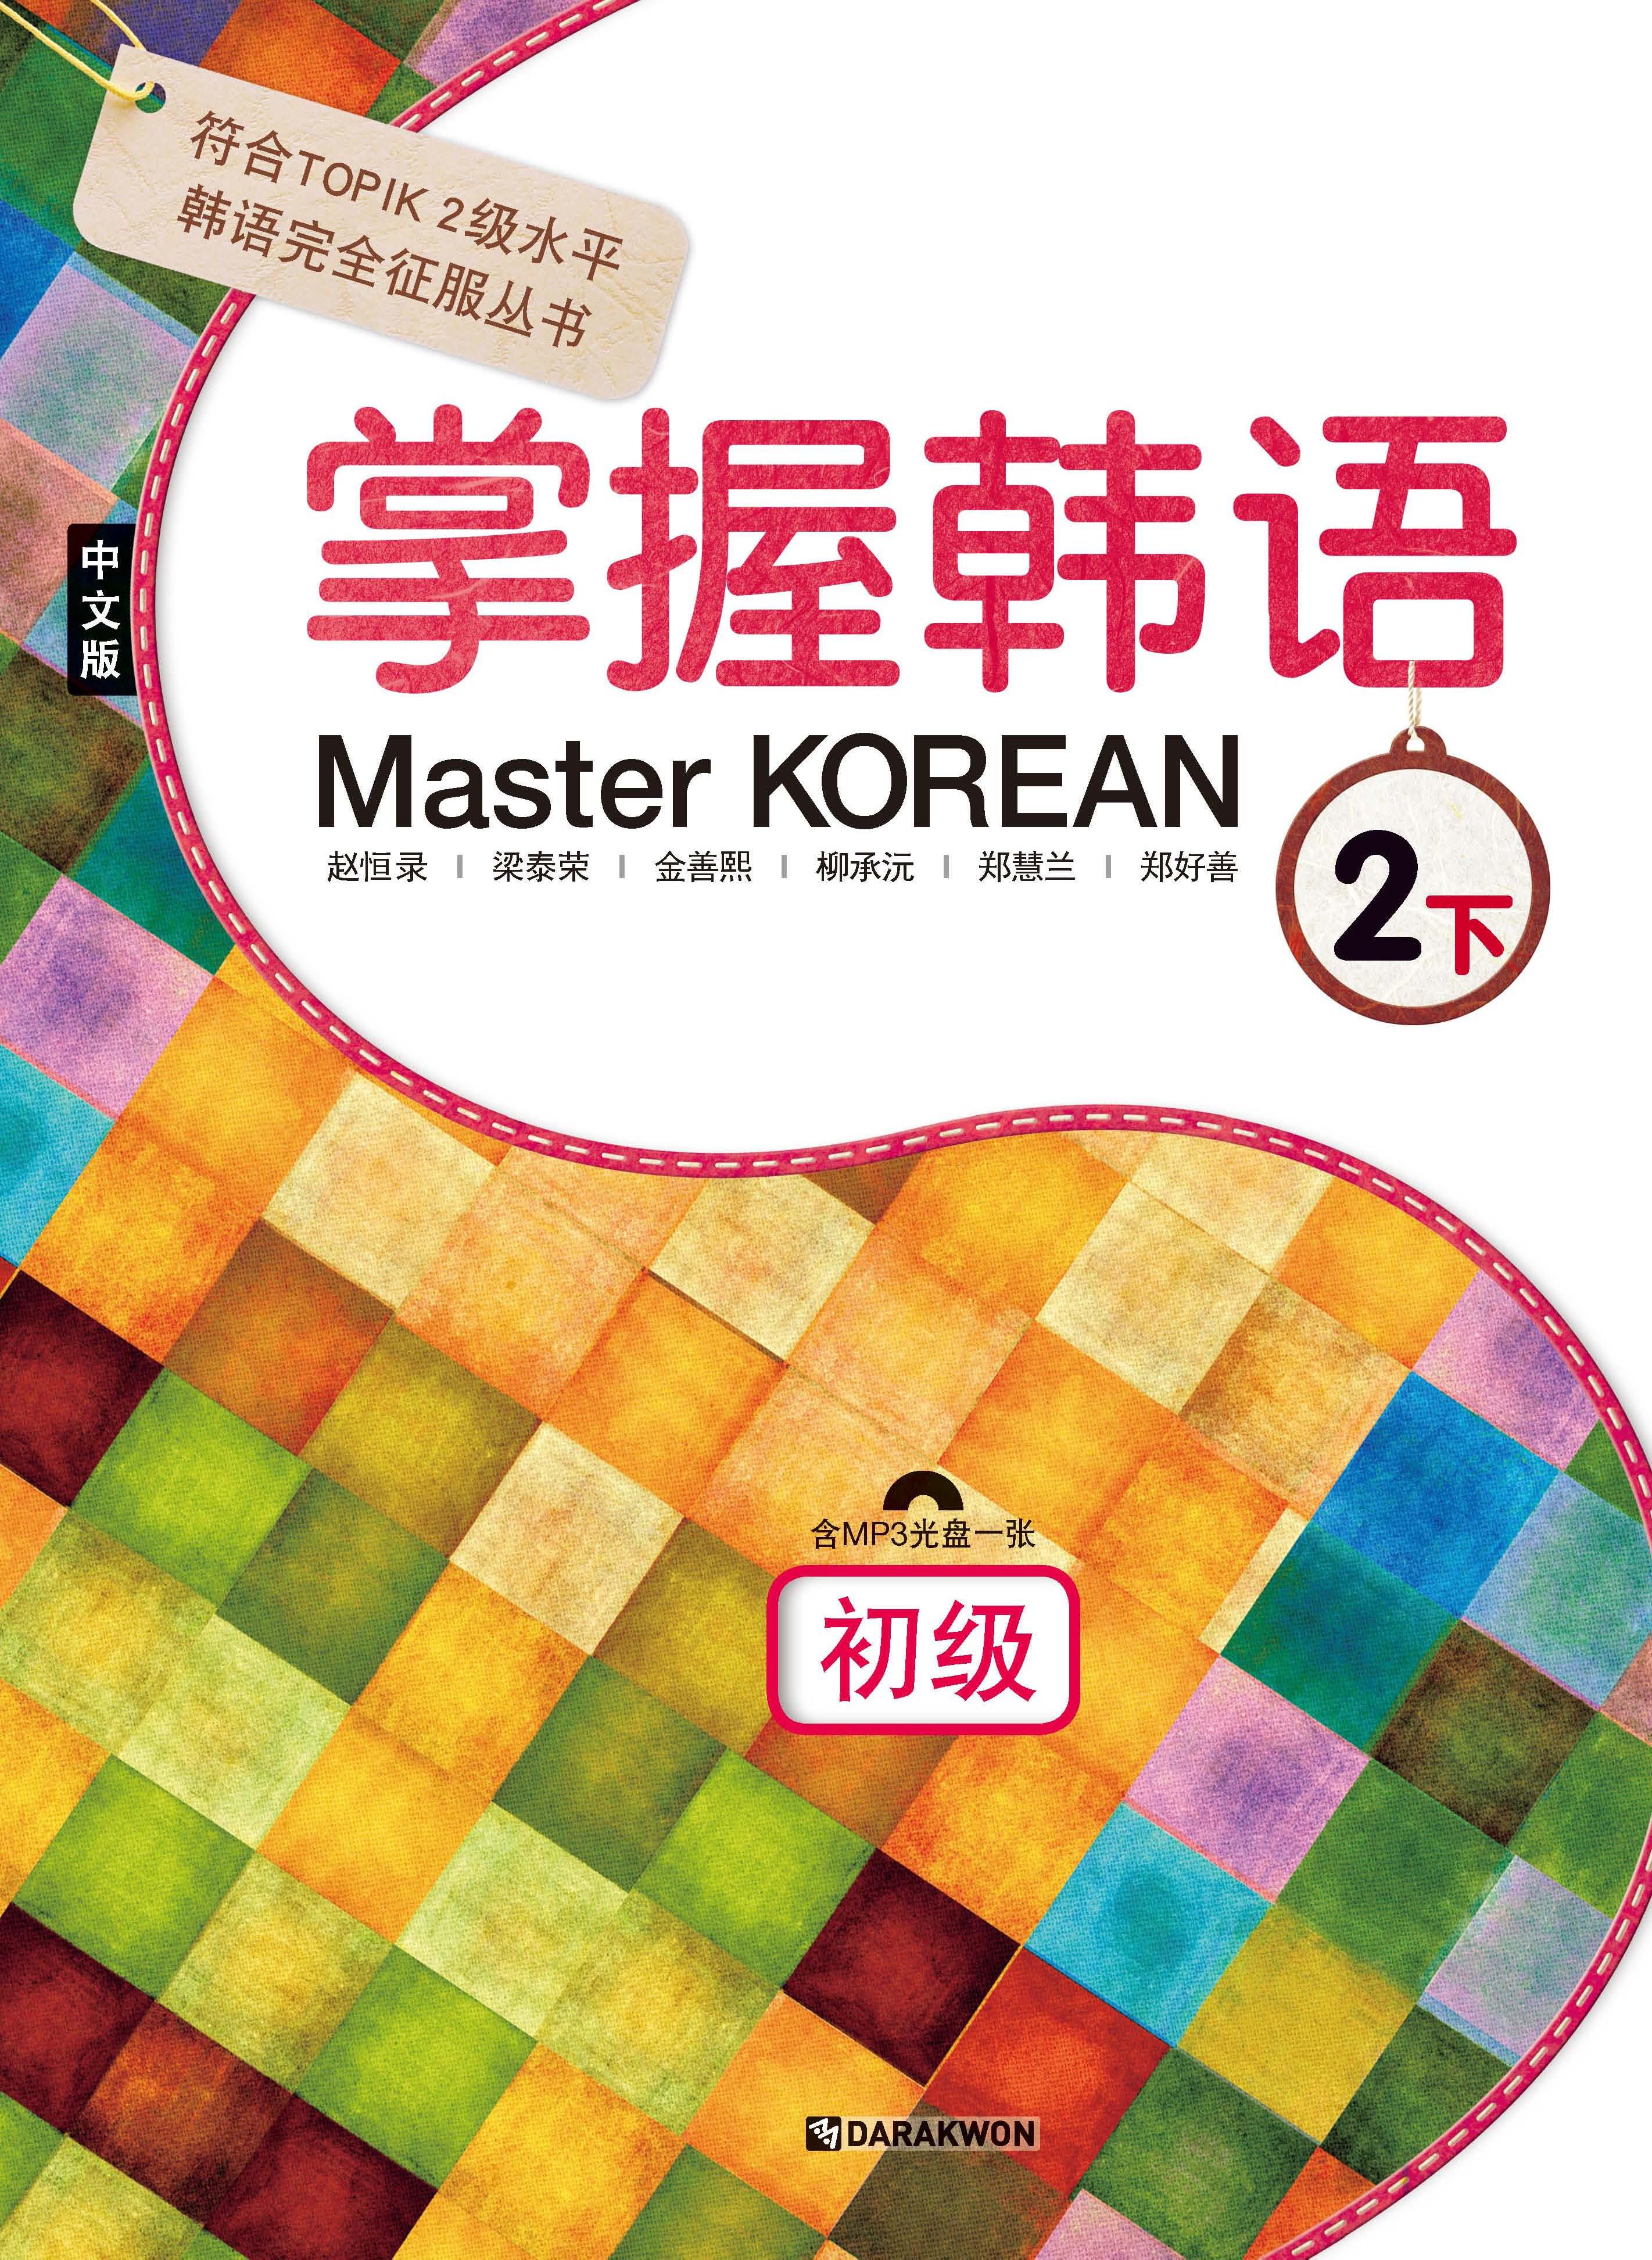 [Master KOREAN] Master KOREAN 2 下 초급|掌握韓語 : 中文版